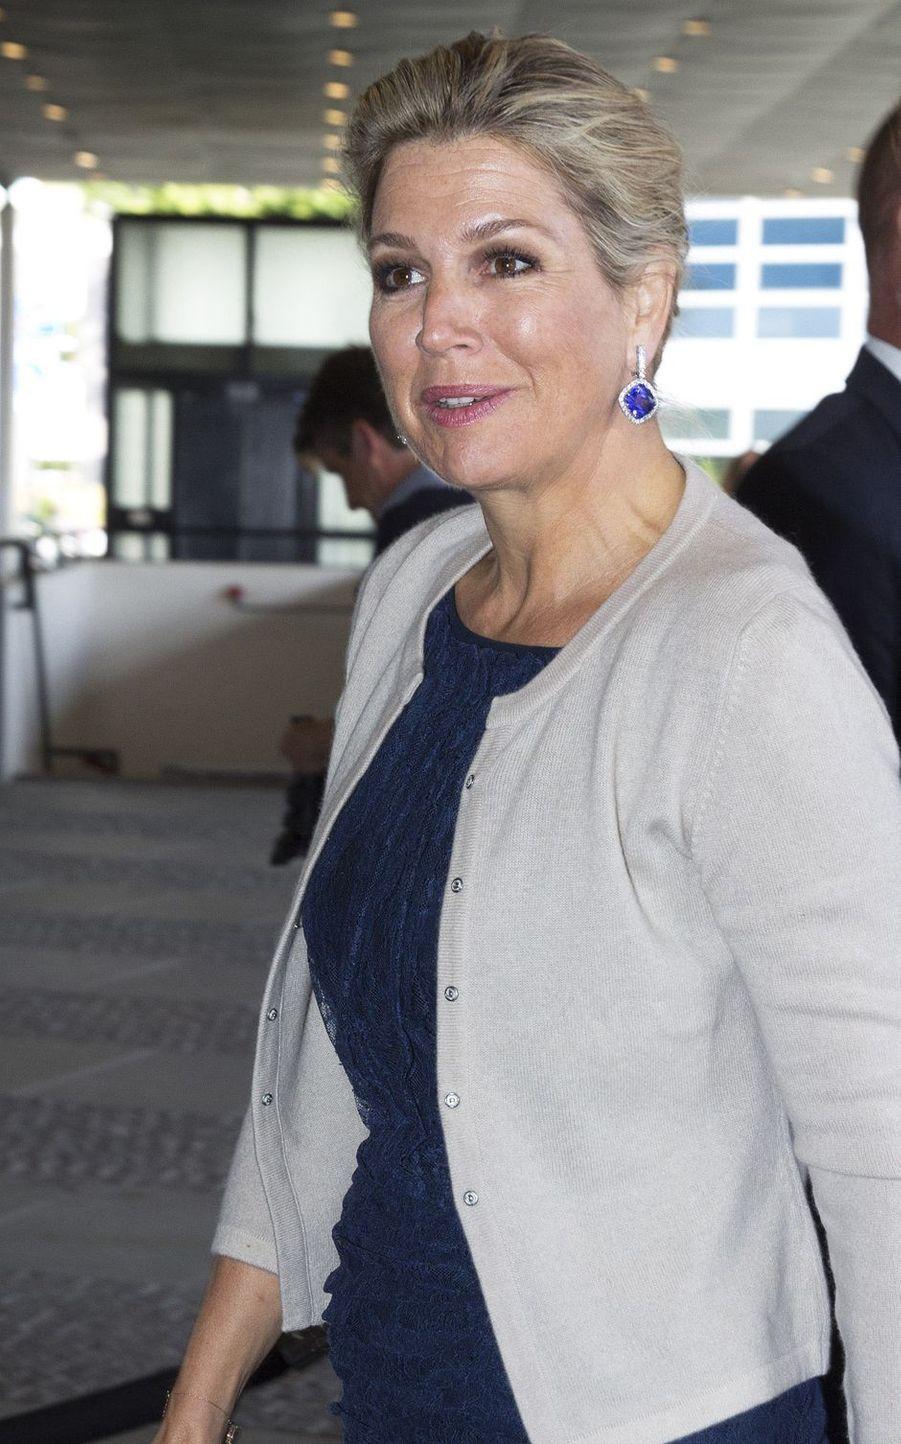 La reine Maxima des Pays-Bas, le 4 juillet 2019 à La Haye